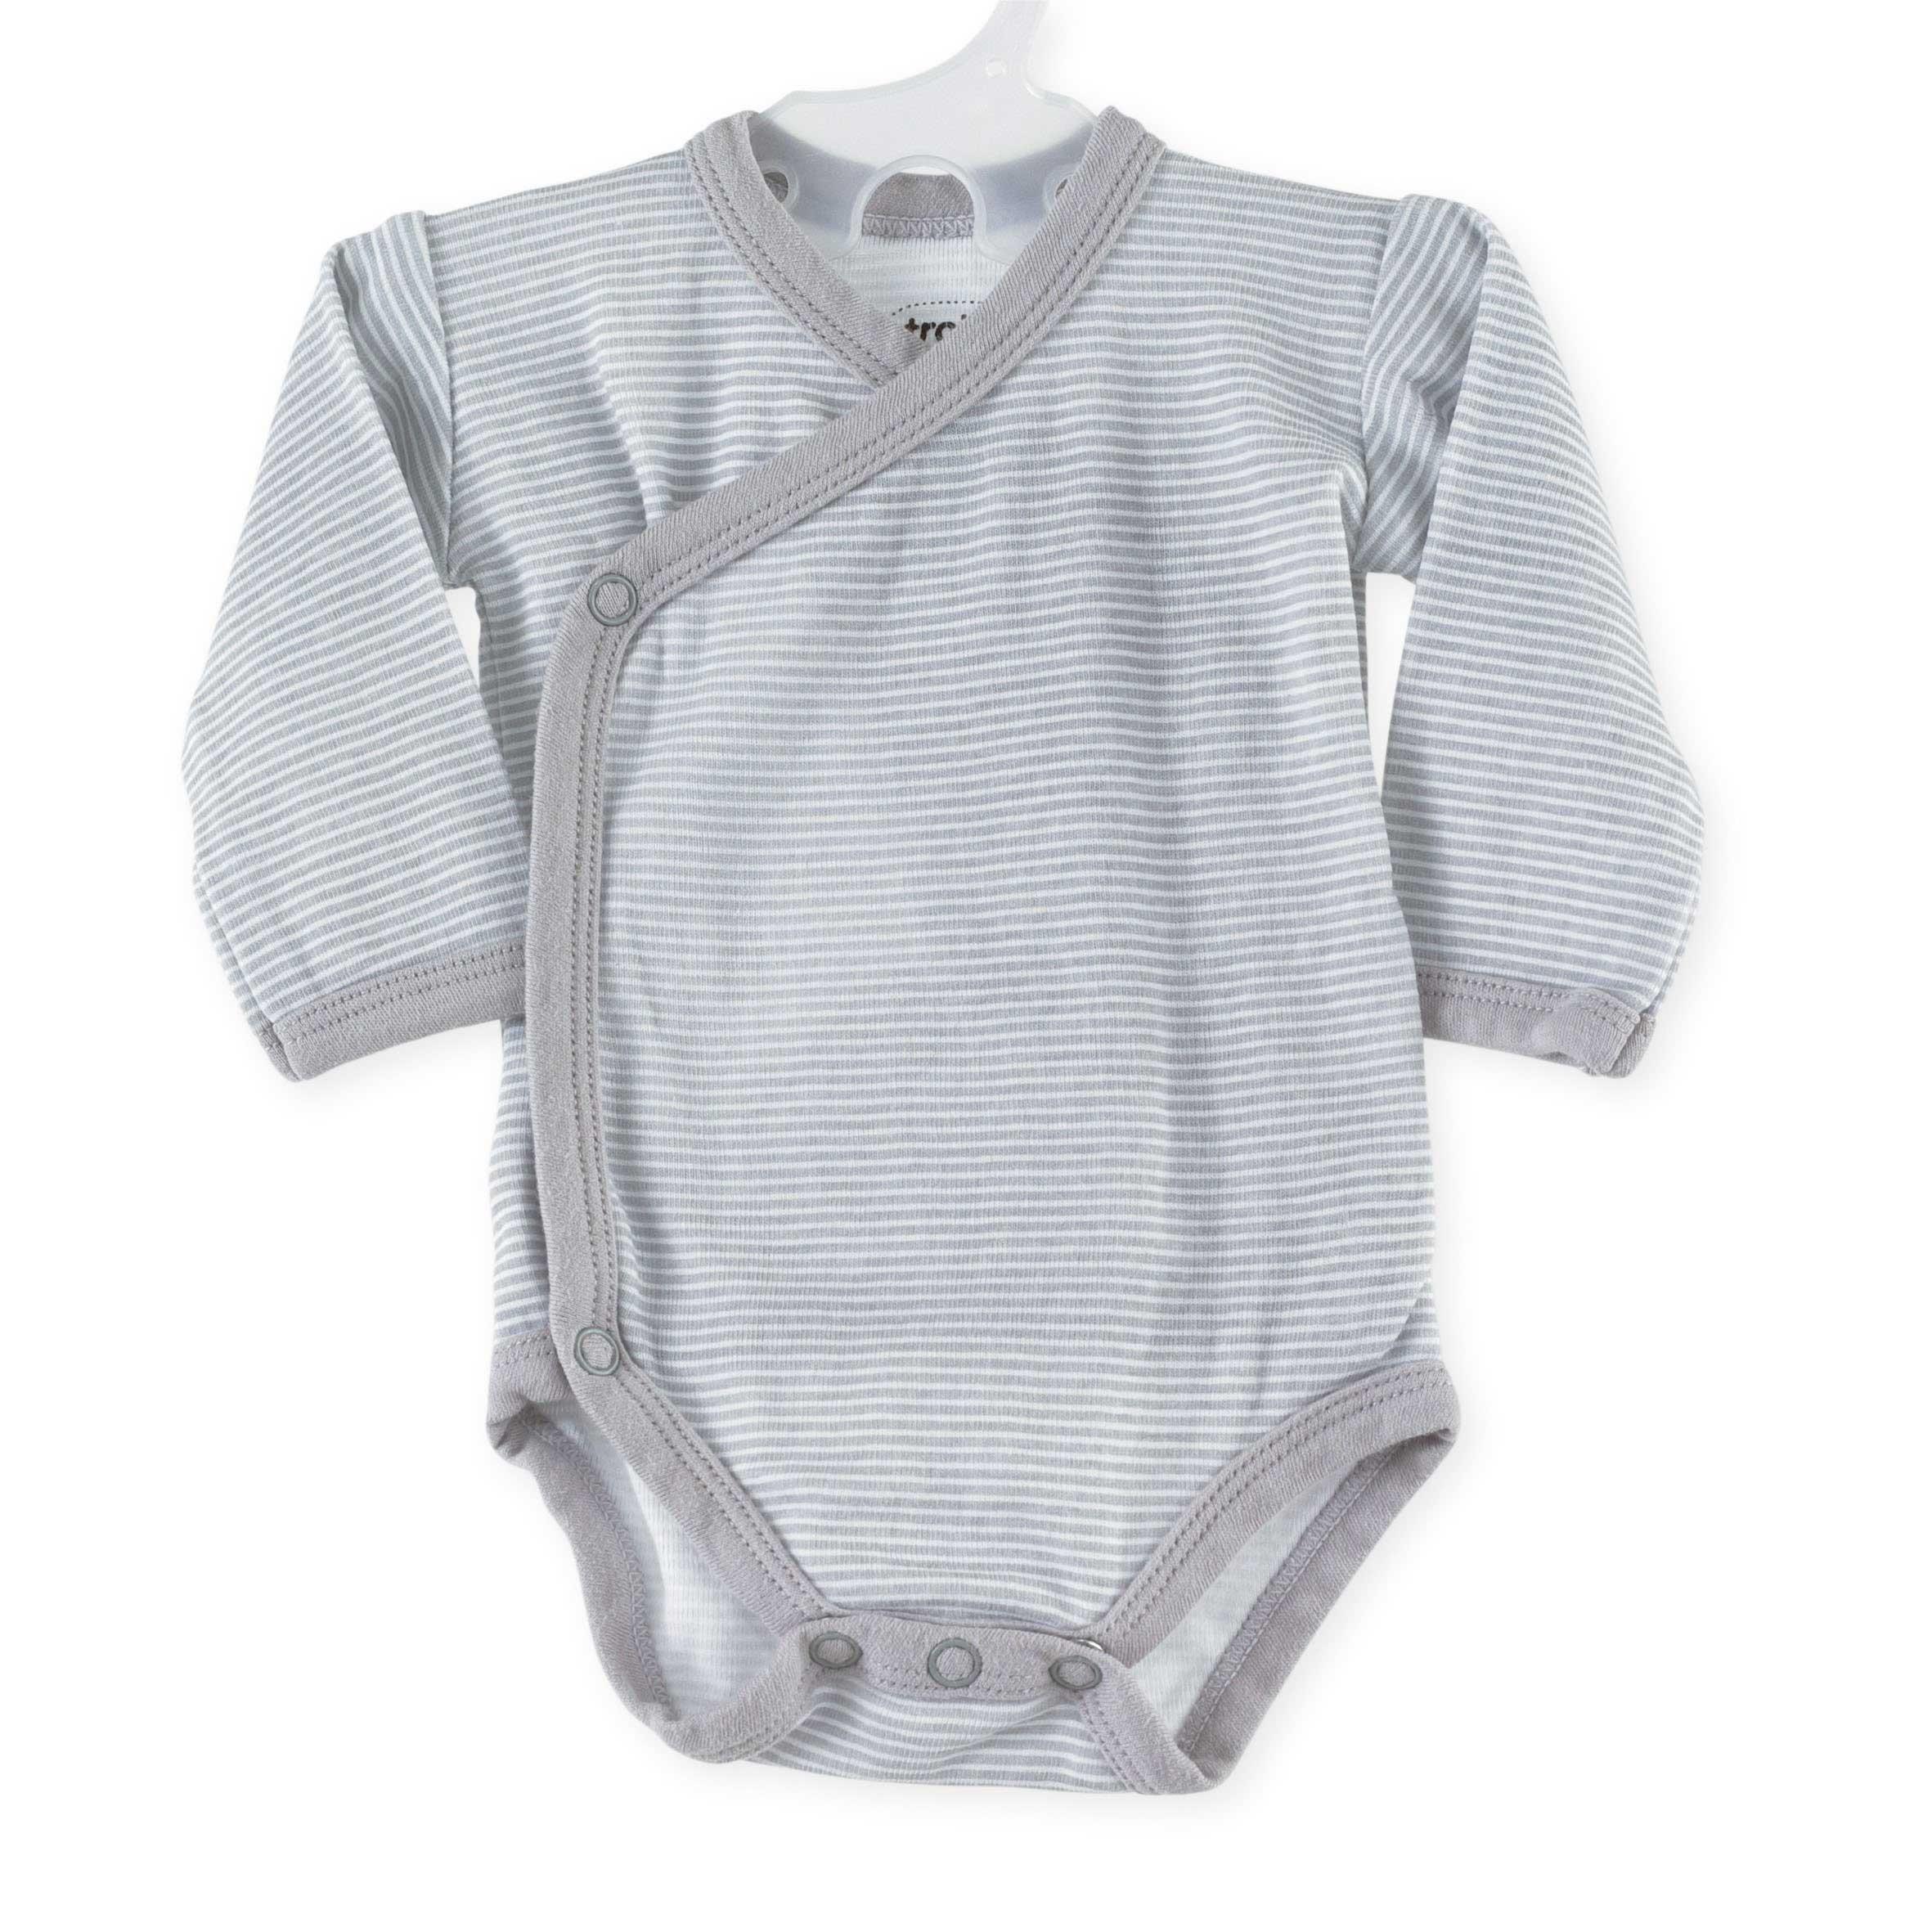 da6151ca95db2 Body bébé rayures (Prématuré)